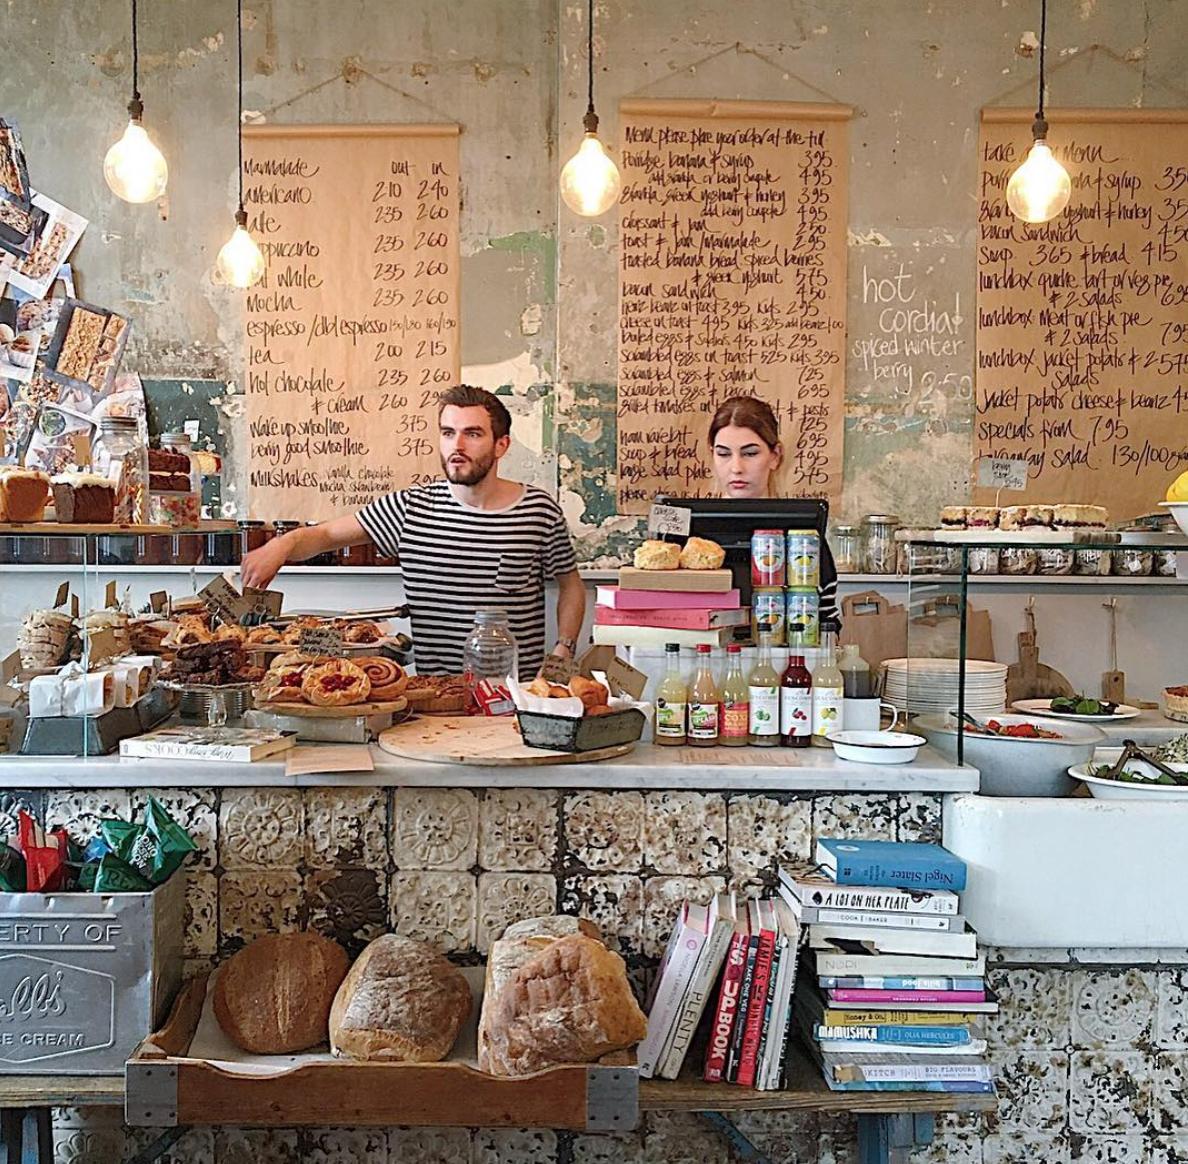 cafe marmalade kemp town